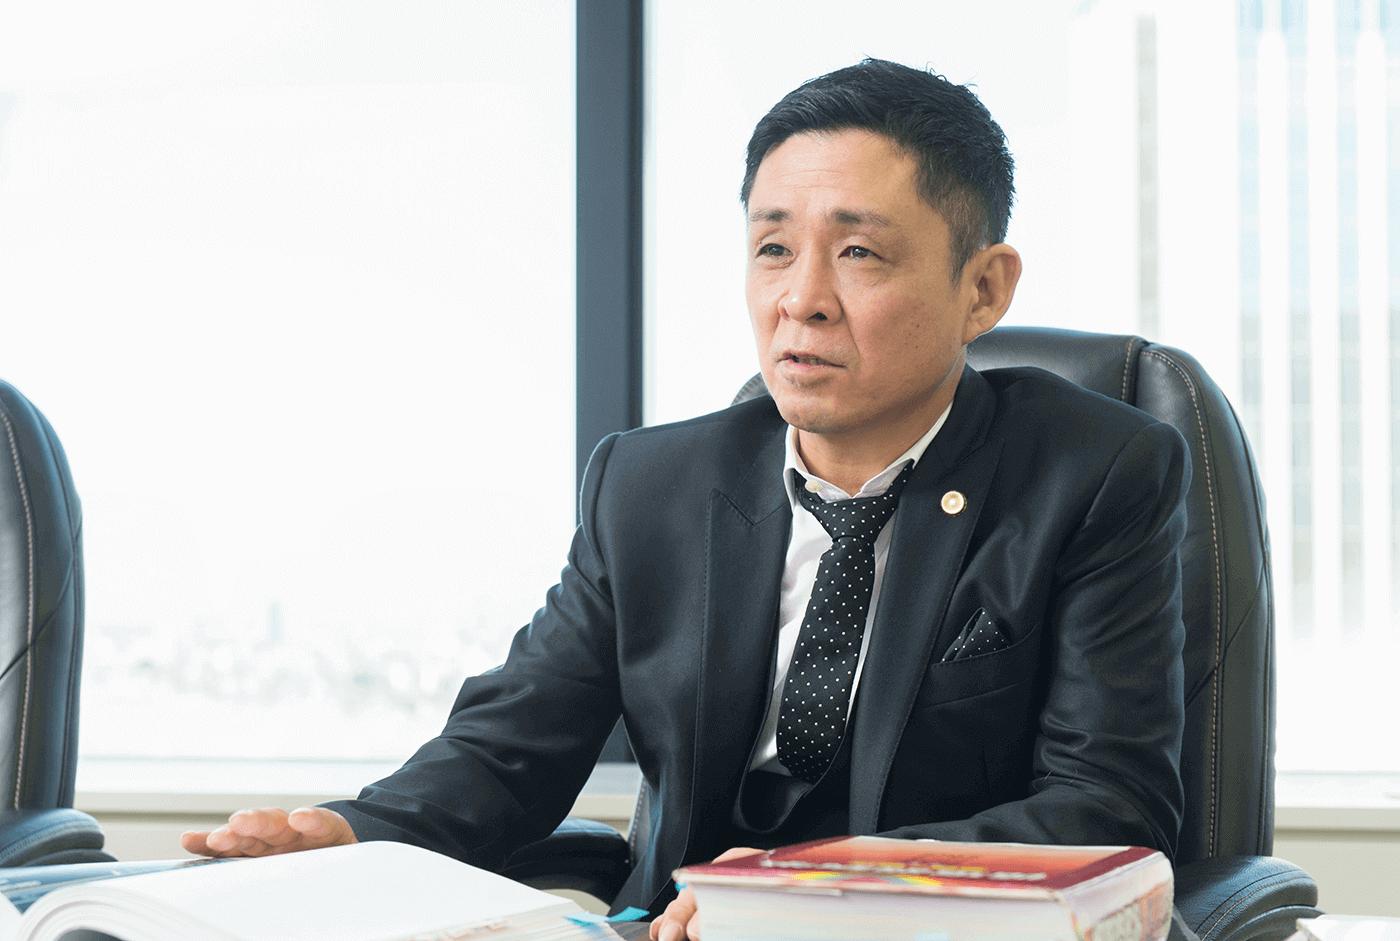 弁護士法人ALG&Associates代表執行役員 弁護士 金﨑浩之